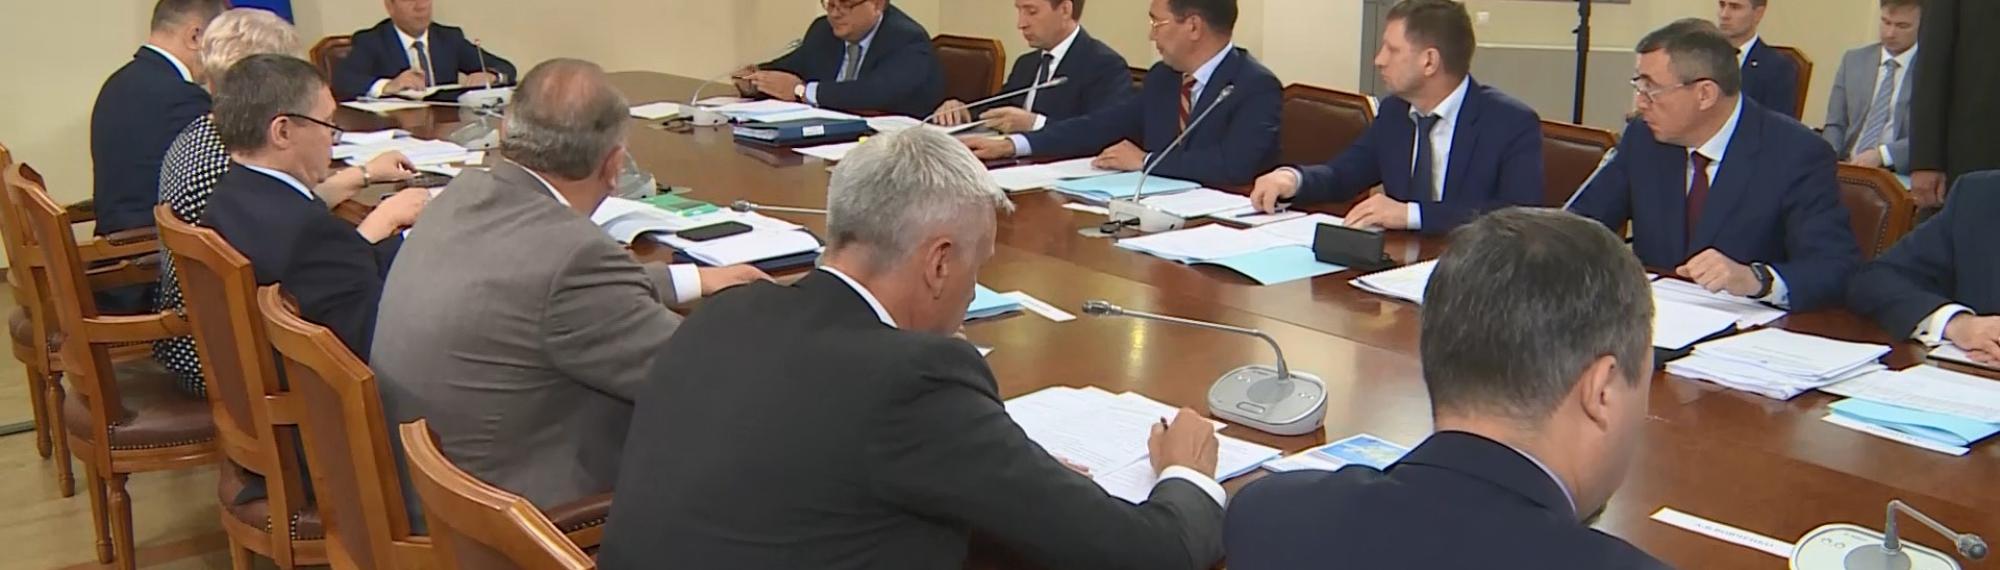 Губернатор Магаданской области Сергей Носов принял участие в совещании по развитию центров экономического роста на Дальнем Востоке